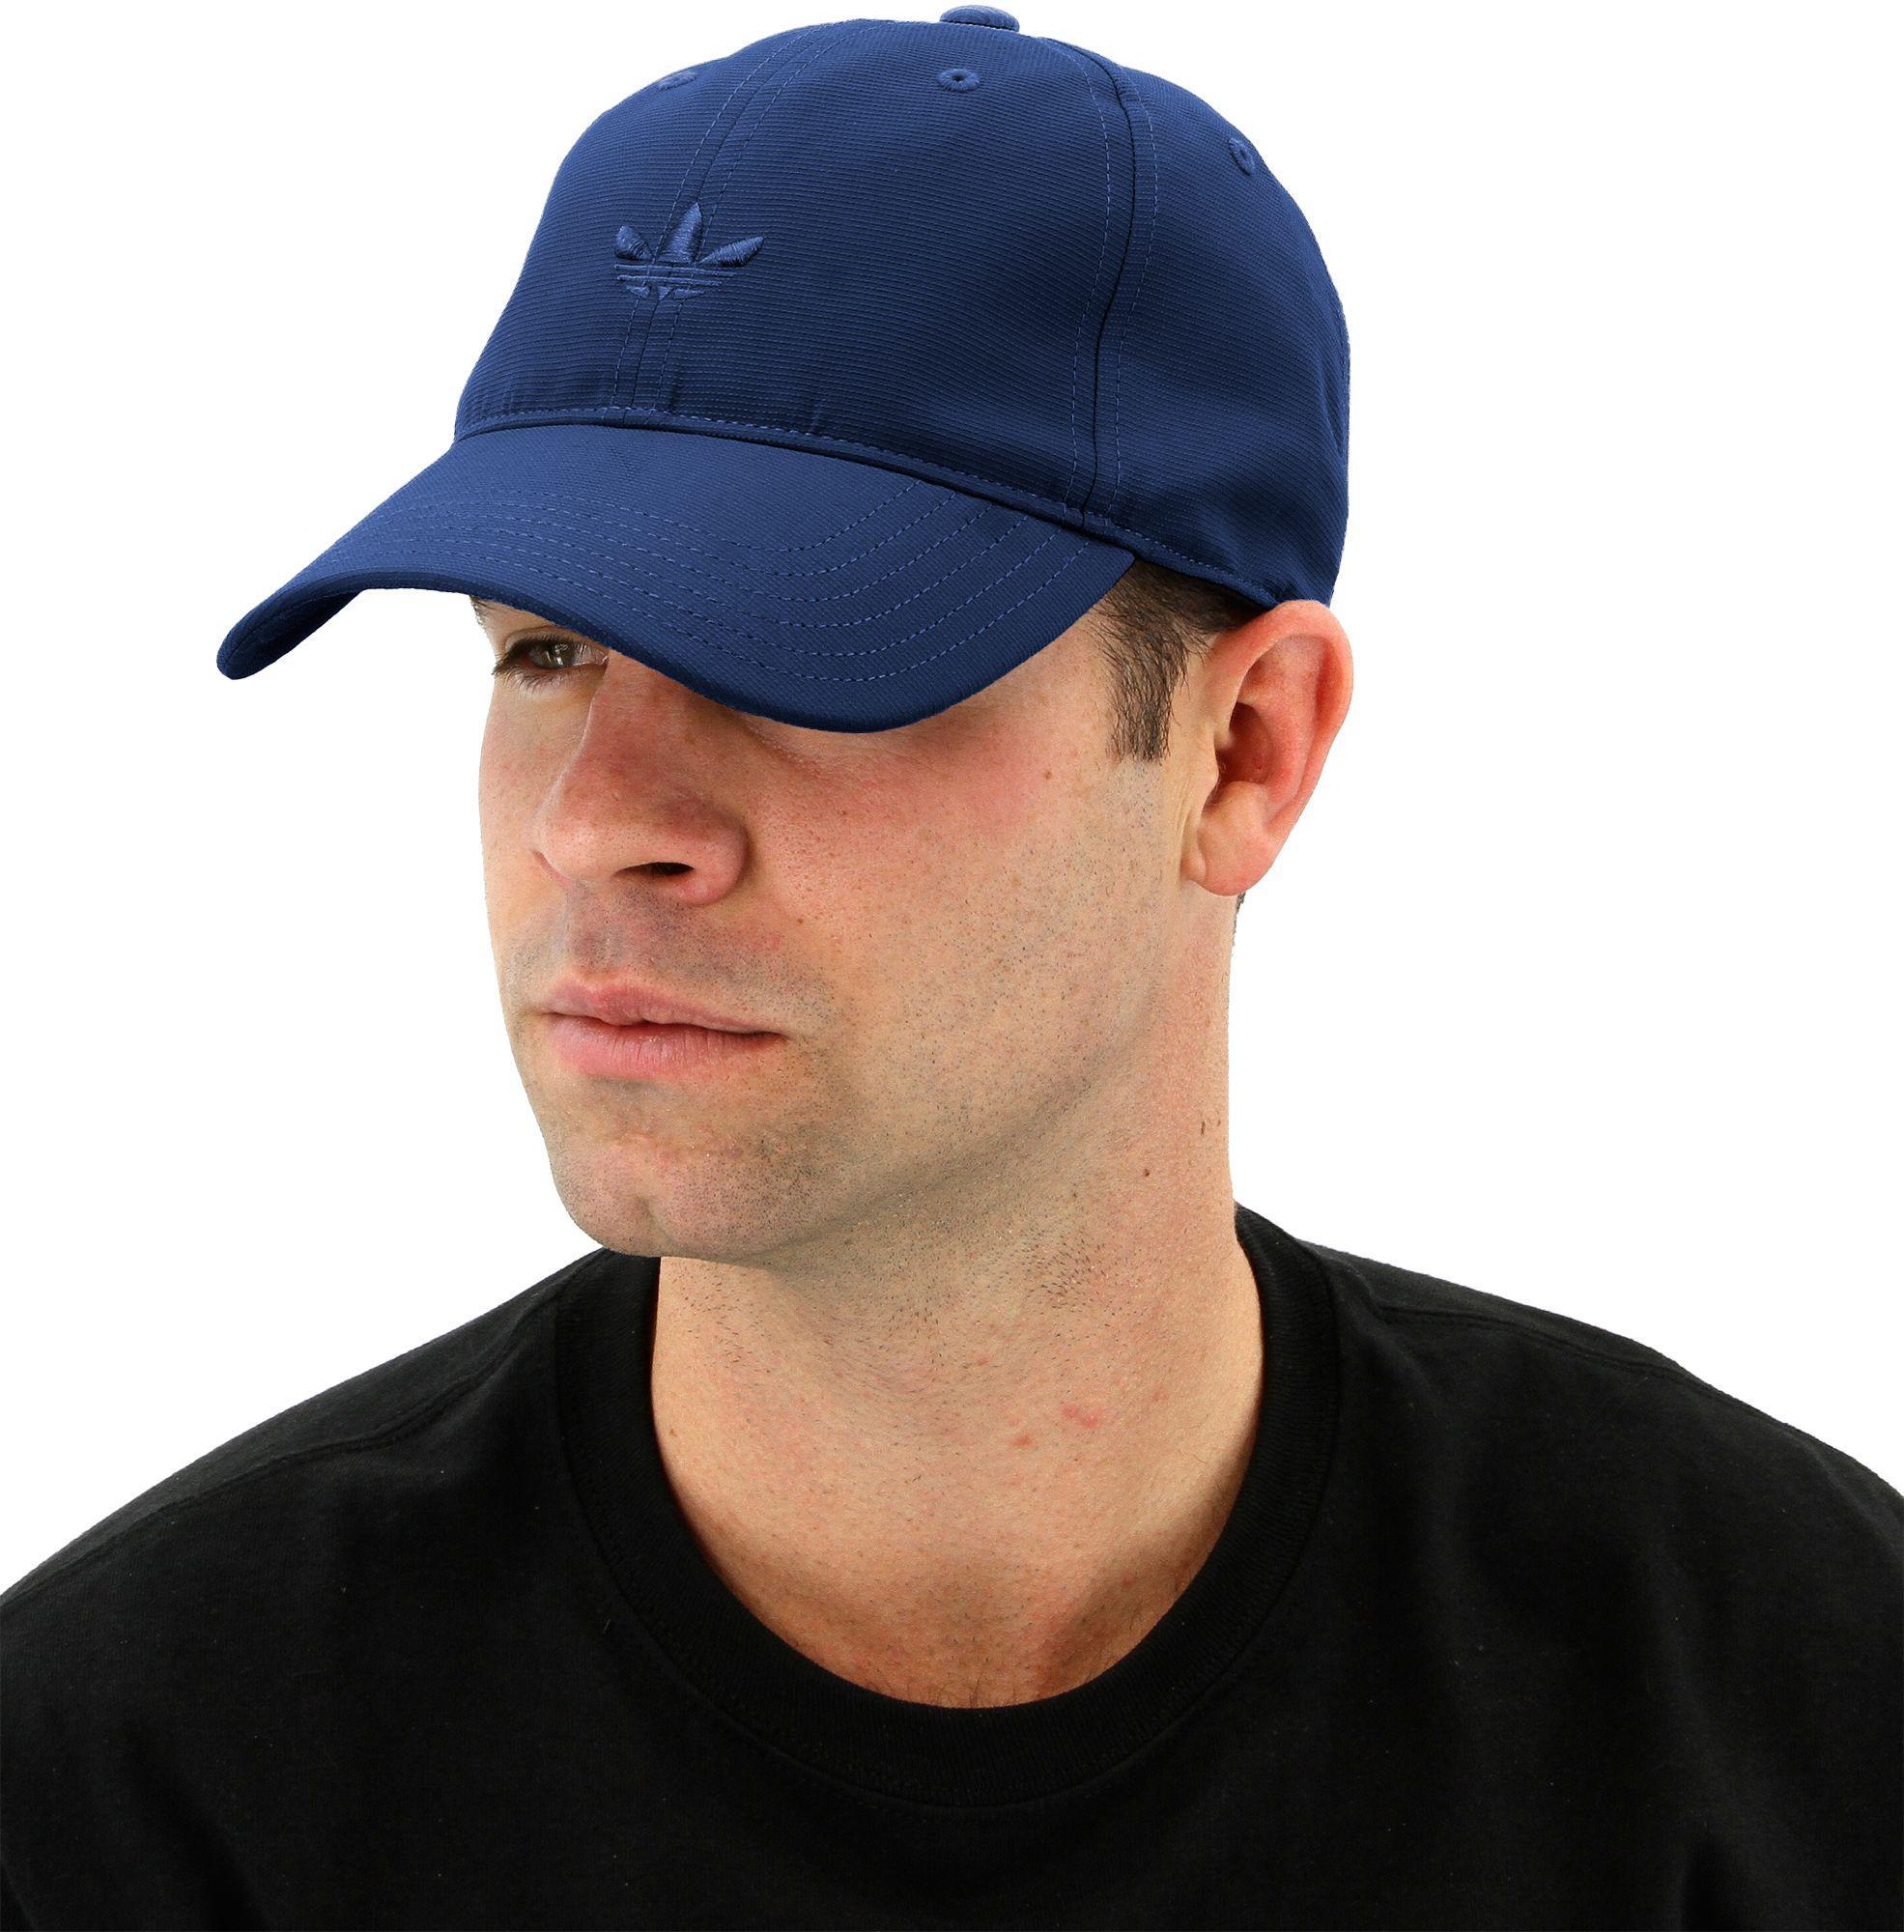 Lyst - adidas Originals Relaxed Modern Cap in Blue for Men 8651d3c697d